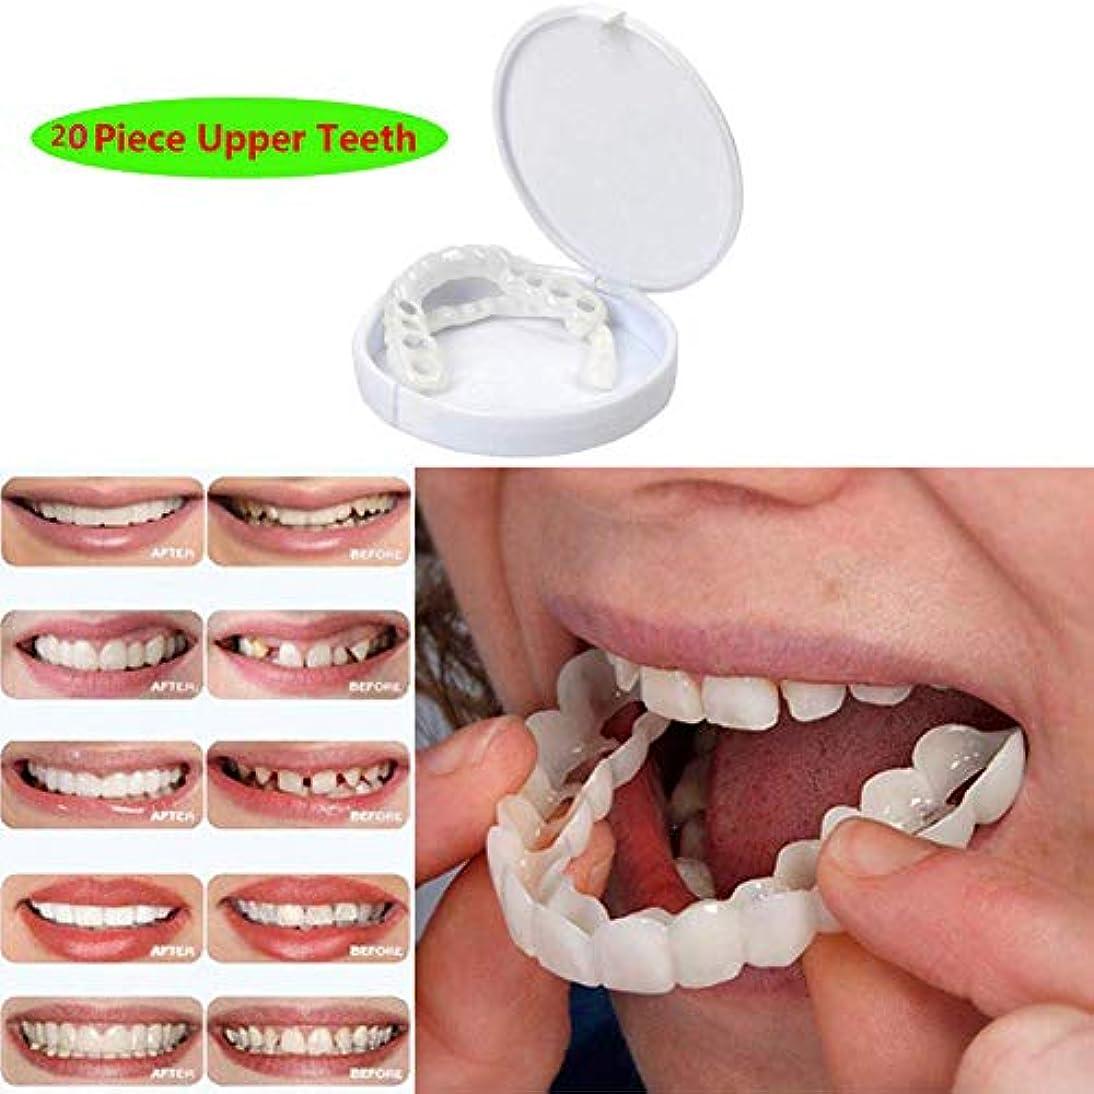 彫刻報復する会話一時的な化粧品の歯義歯の歯快適な屈曲を完全に白くする化粧品の模倣された上部の支柱わずかな分のベニヤ、20PCS上部の歯